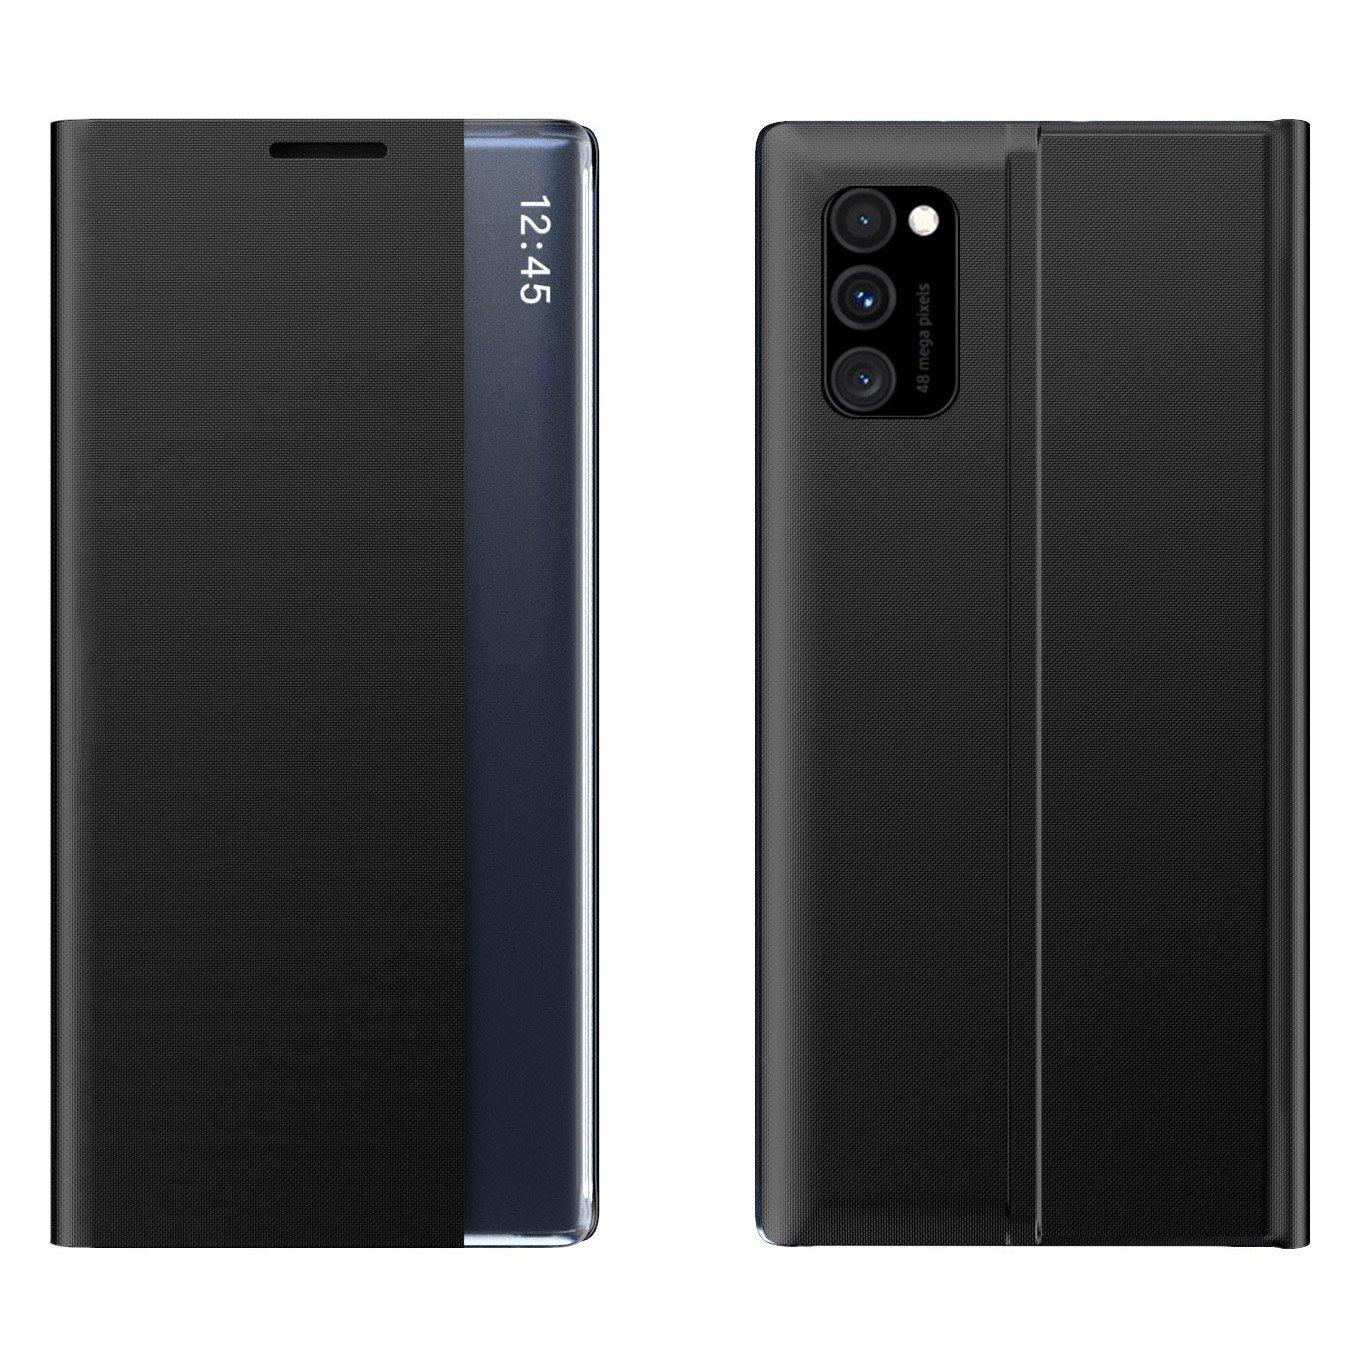 New Sleep knížkové pouzdro naSamsung Galaxy Note 10 Lite black